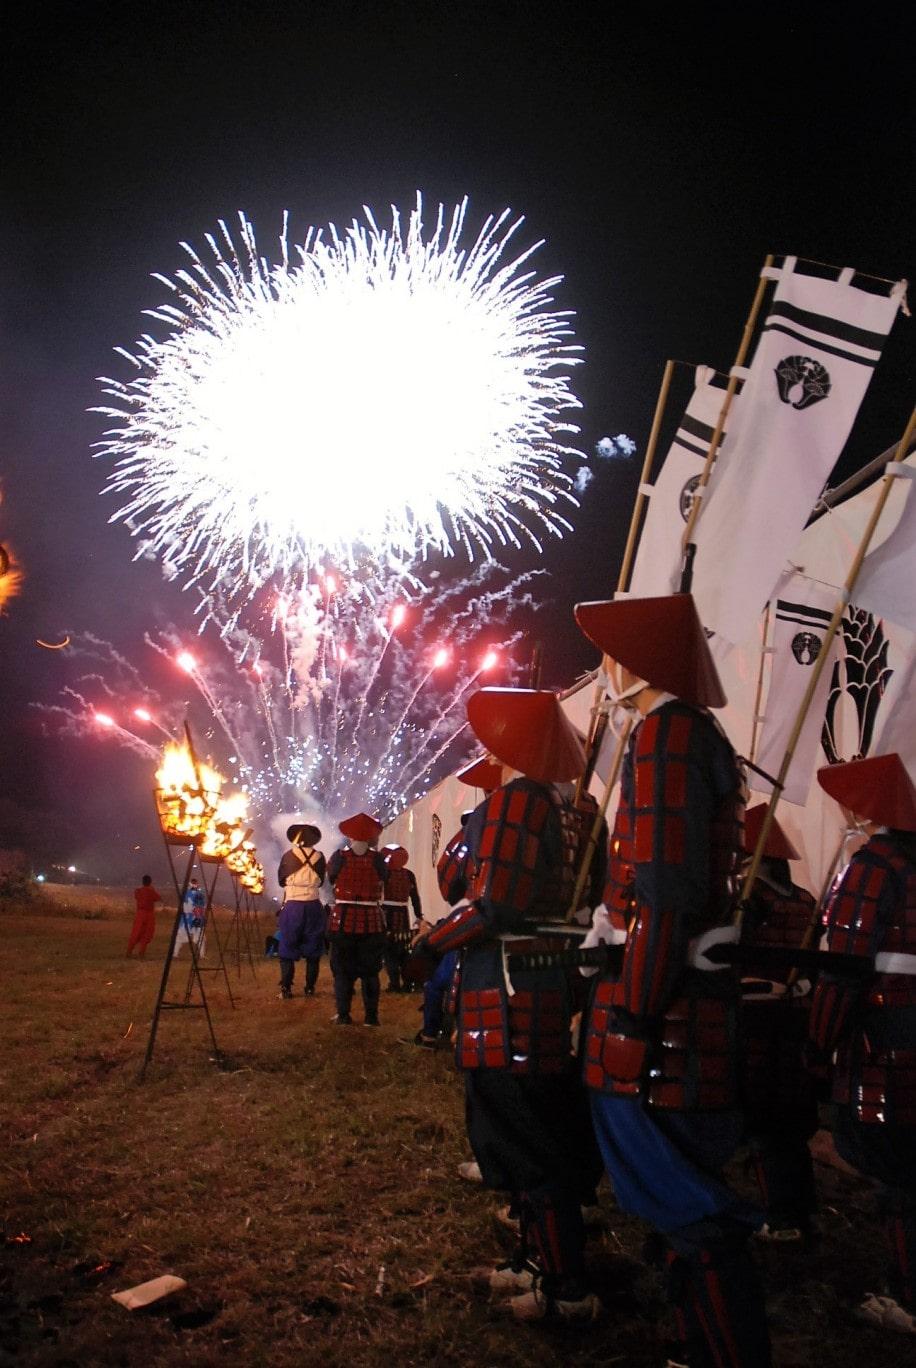 大野川合戦まつりを締めくくる鎮魂の花火